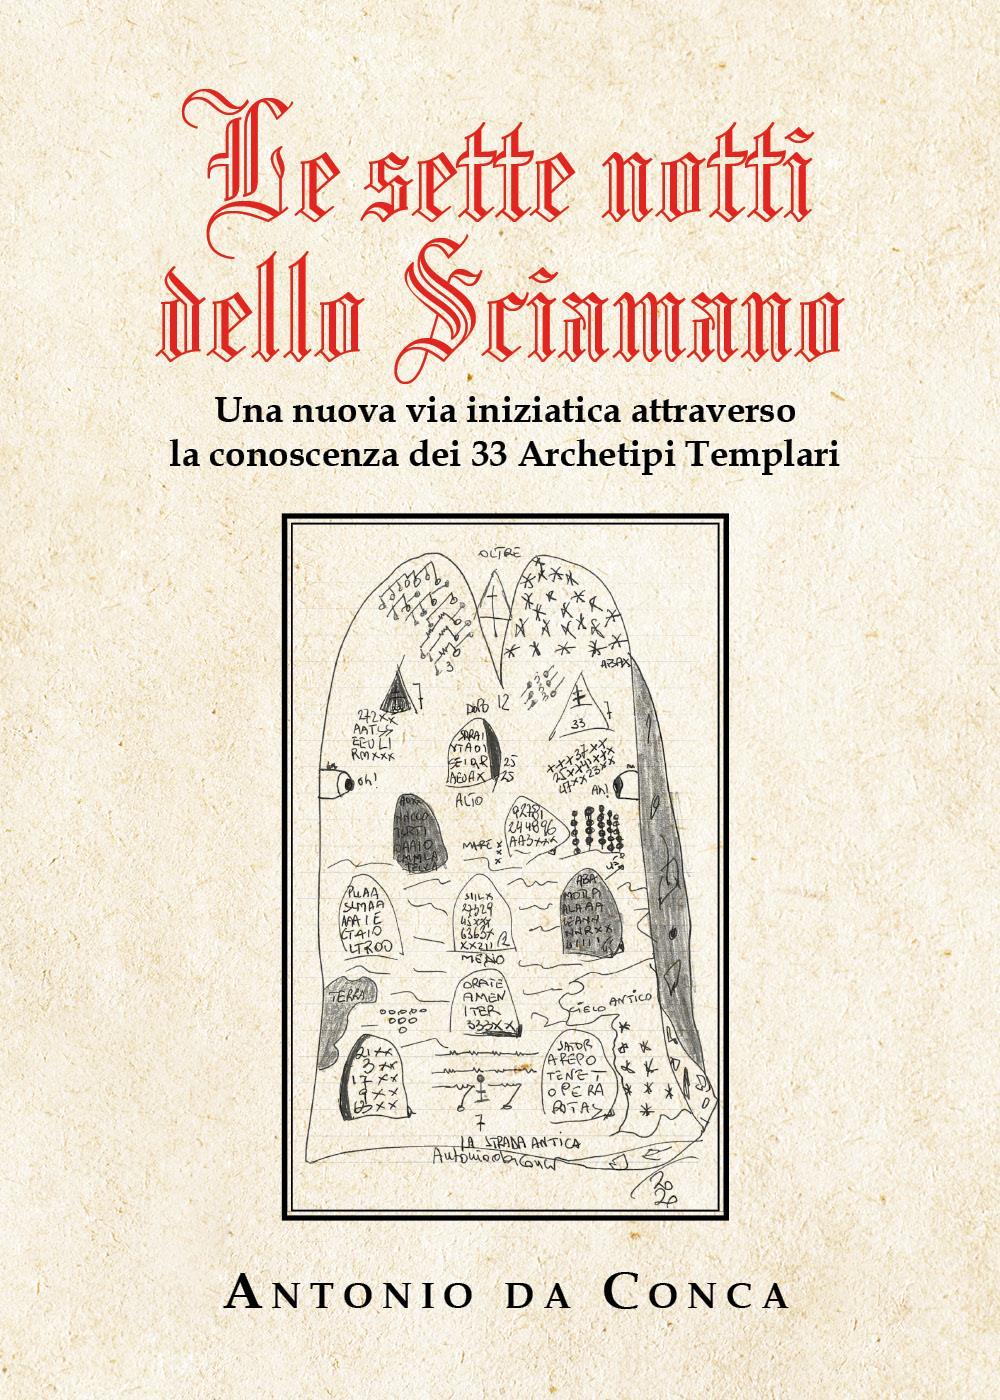 Le sette notti dello Sciamano. Una nuova via iniziatica attraverso la conoscenza dei 33 Archetipi Templari.